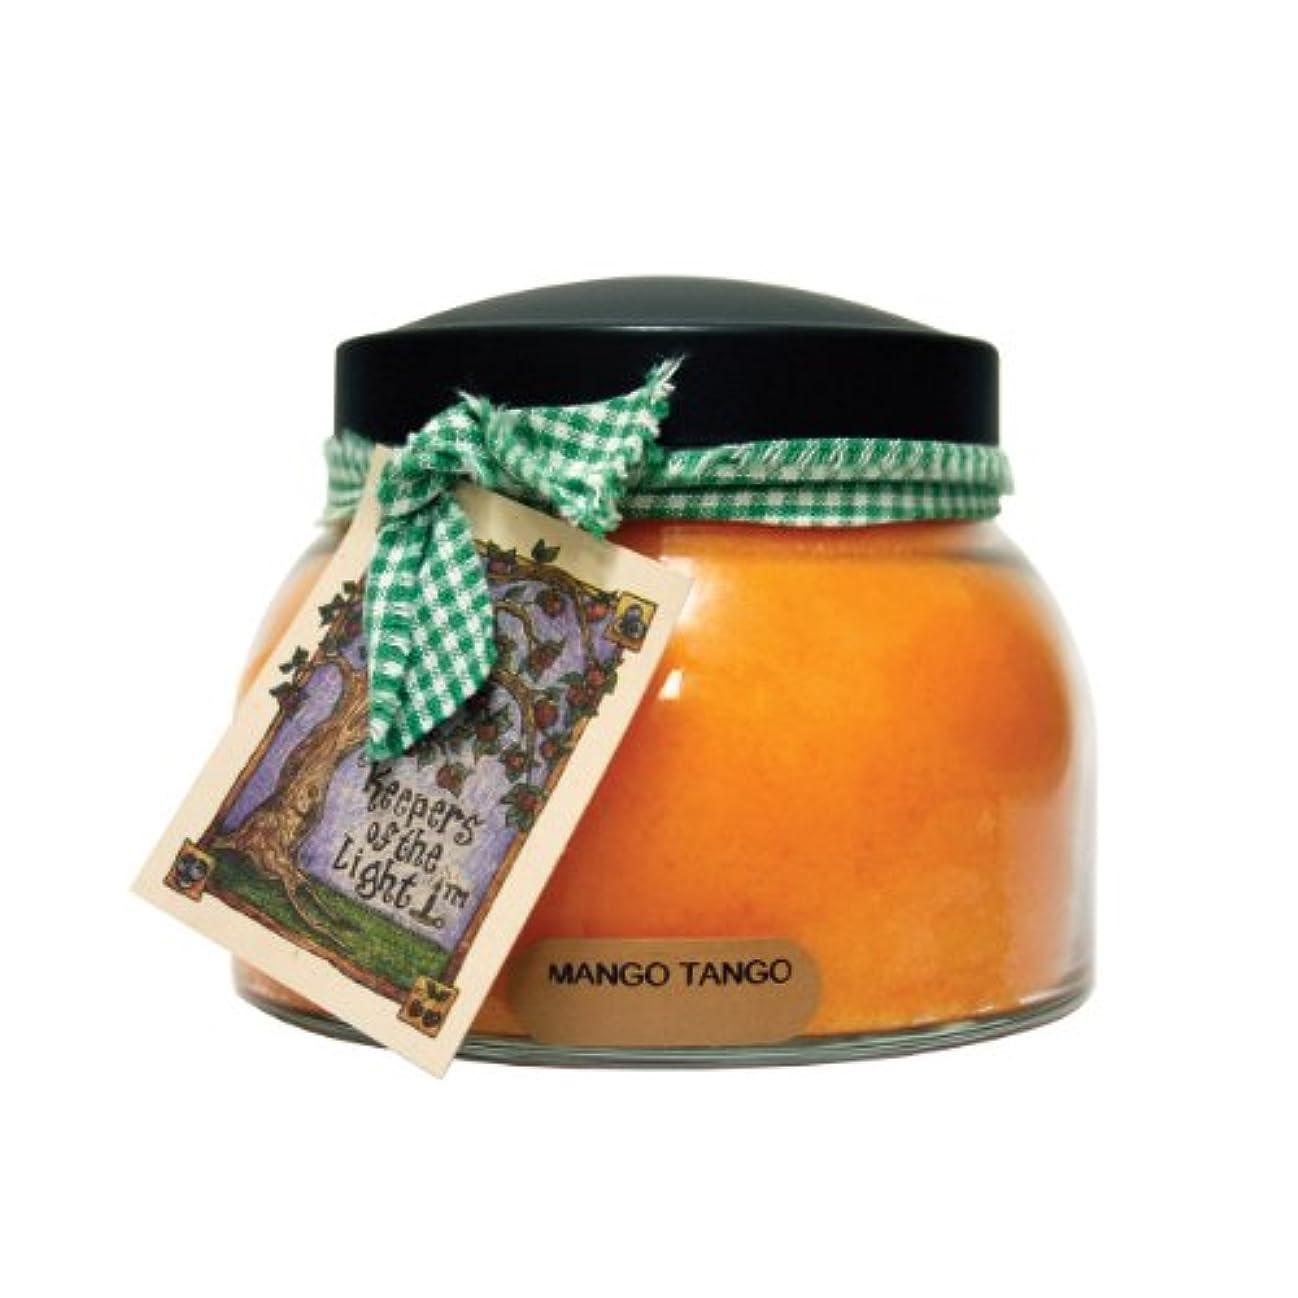 スクレーパー貯水池移住するA Cheerful Giver Mango Tango ベイビージャーキャンドル 22oz JM83